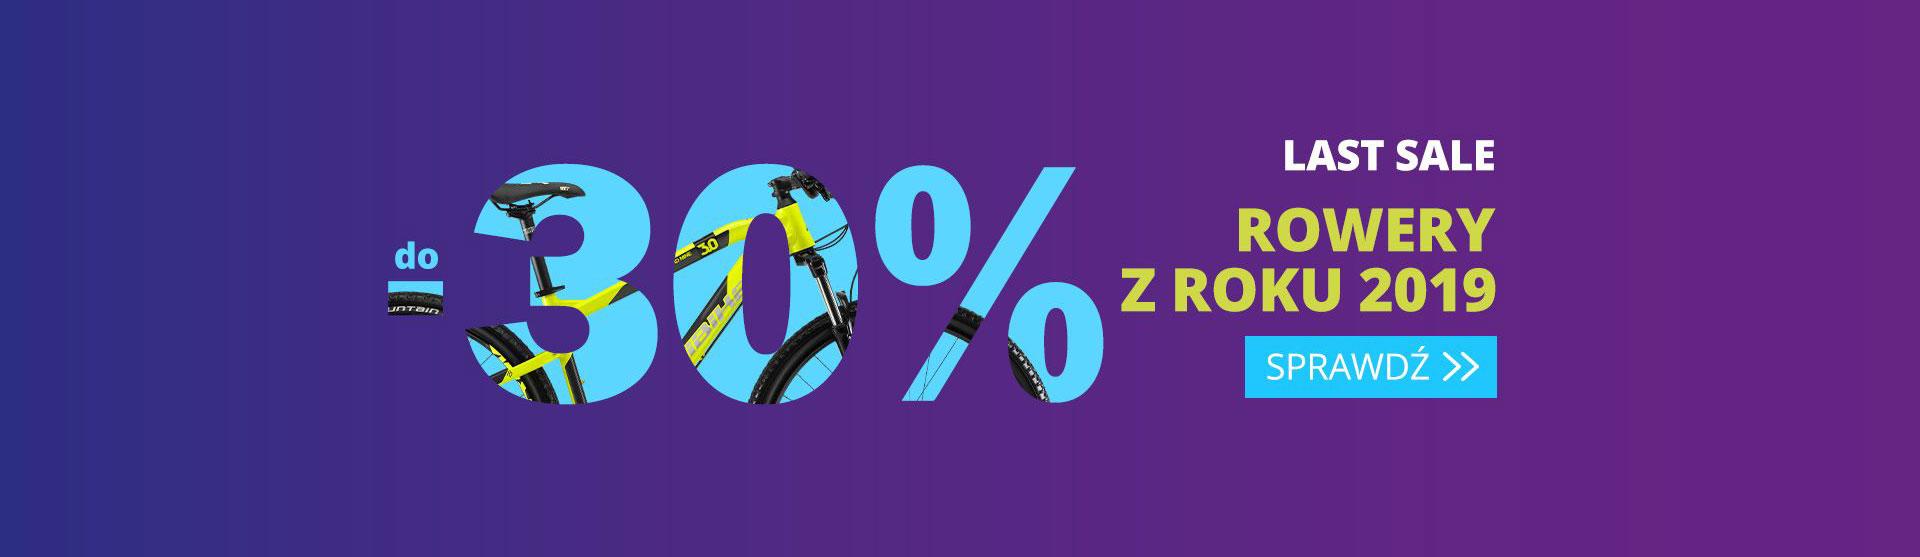 Bikesalon Bikesalon: wyprzedaż do 30% zniżki na rowery z roku 2019